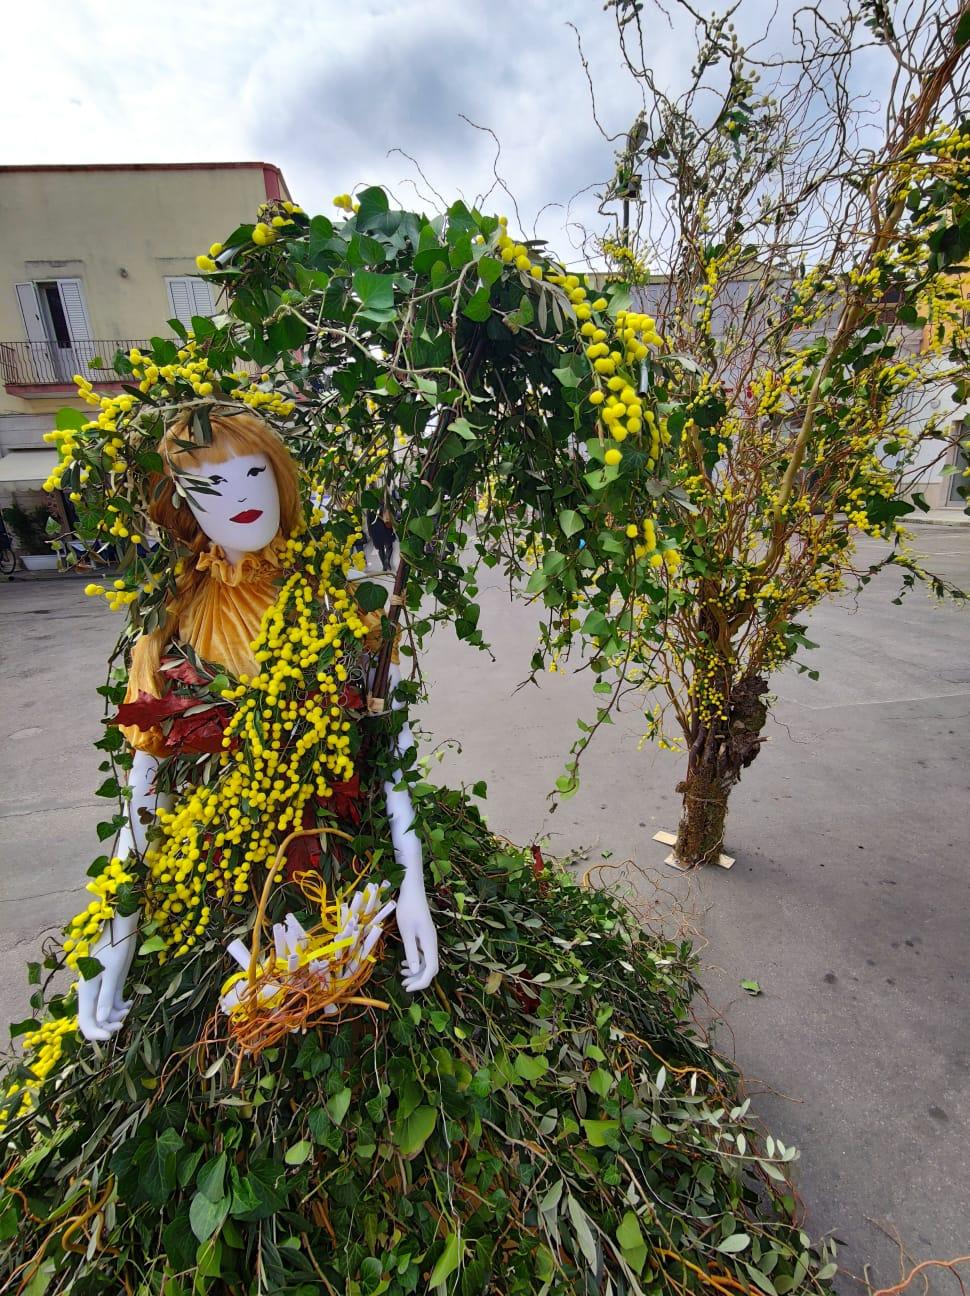 Installazioni con mimose e frasi per sottolineare la forza delle donne, così Porto Cesareo celebra l'8 marzo